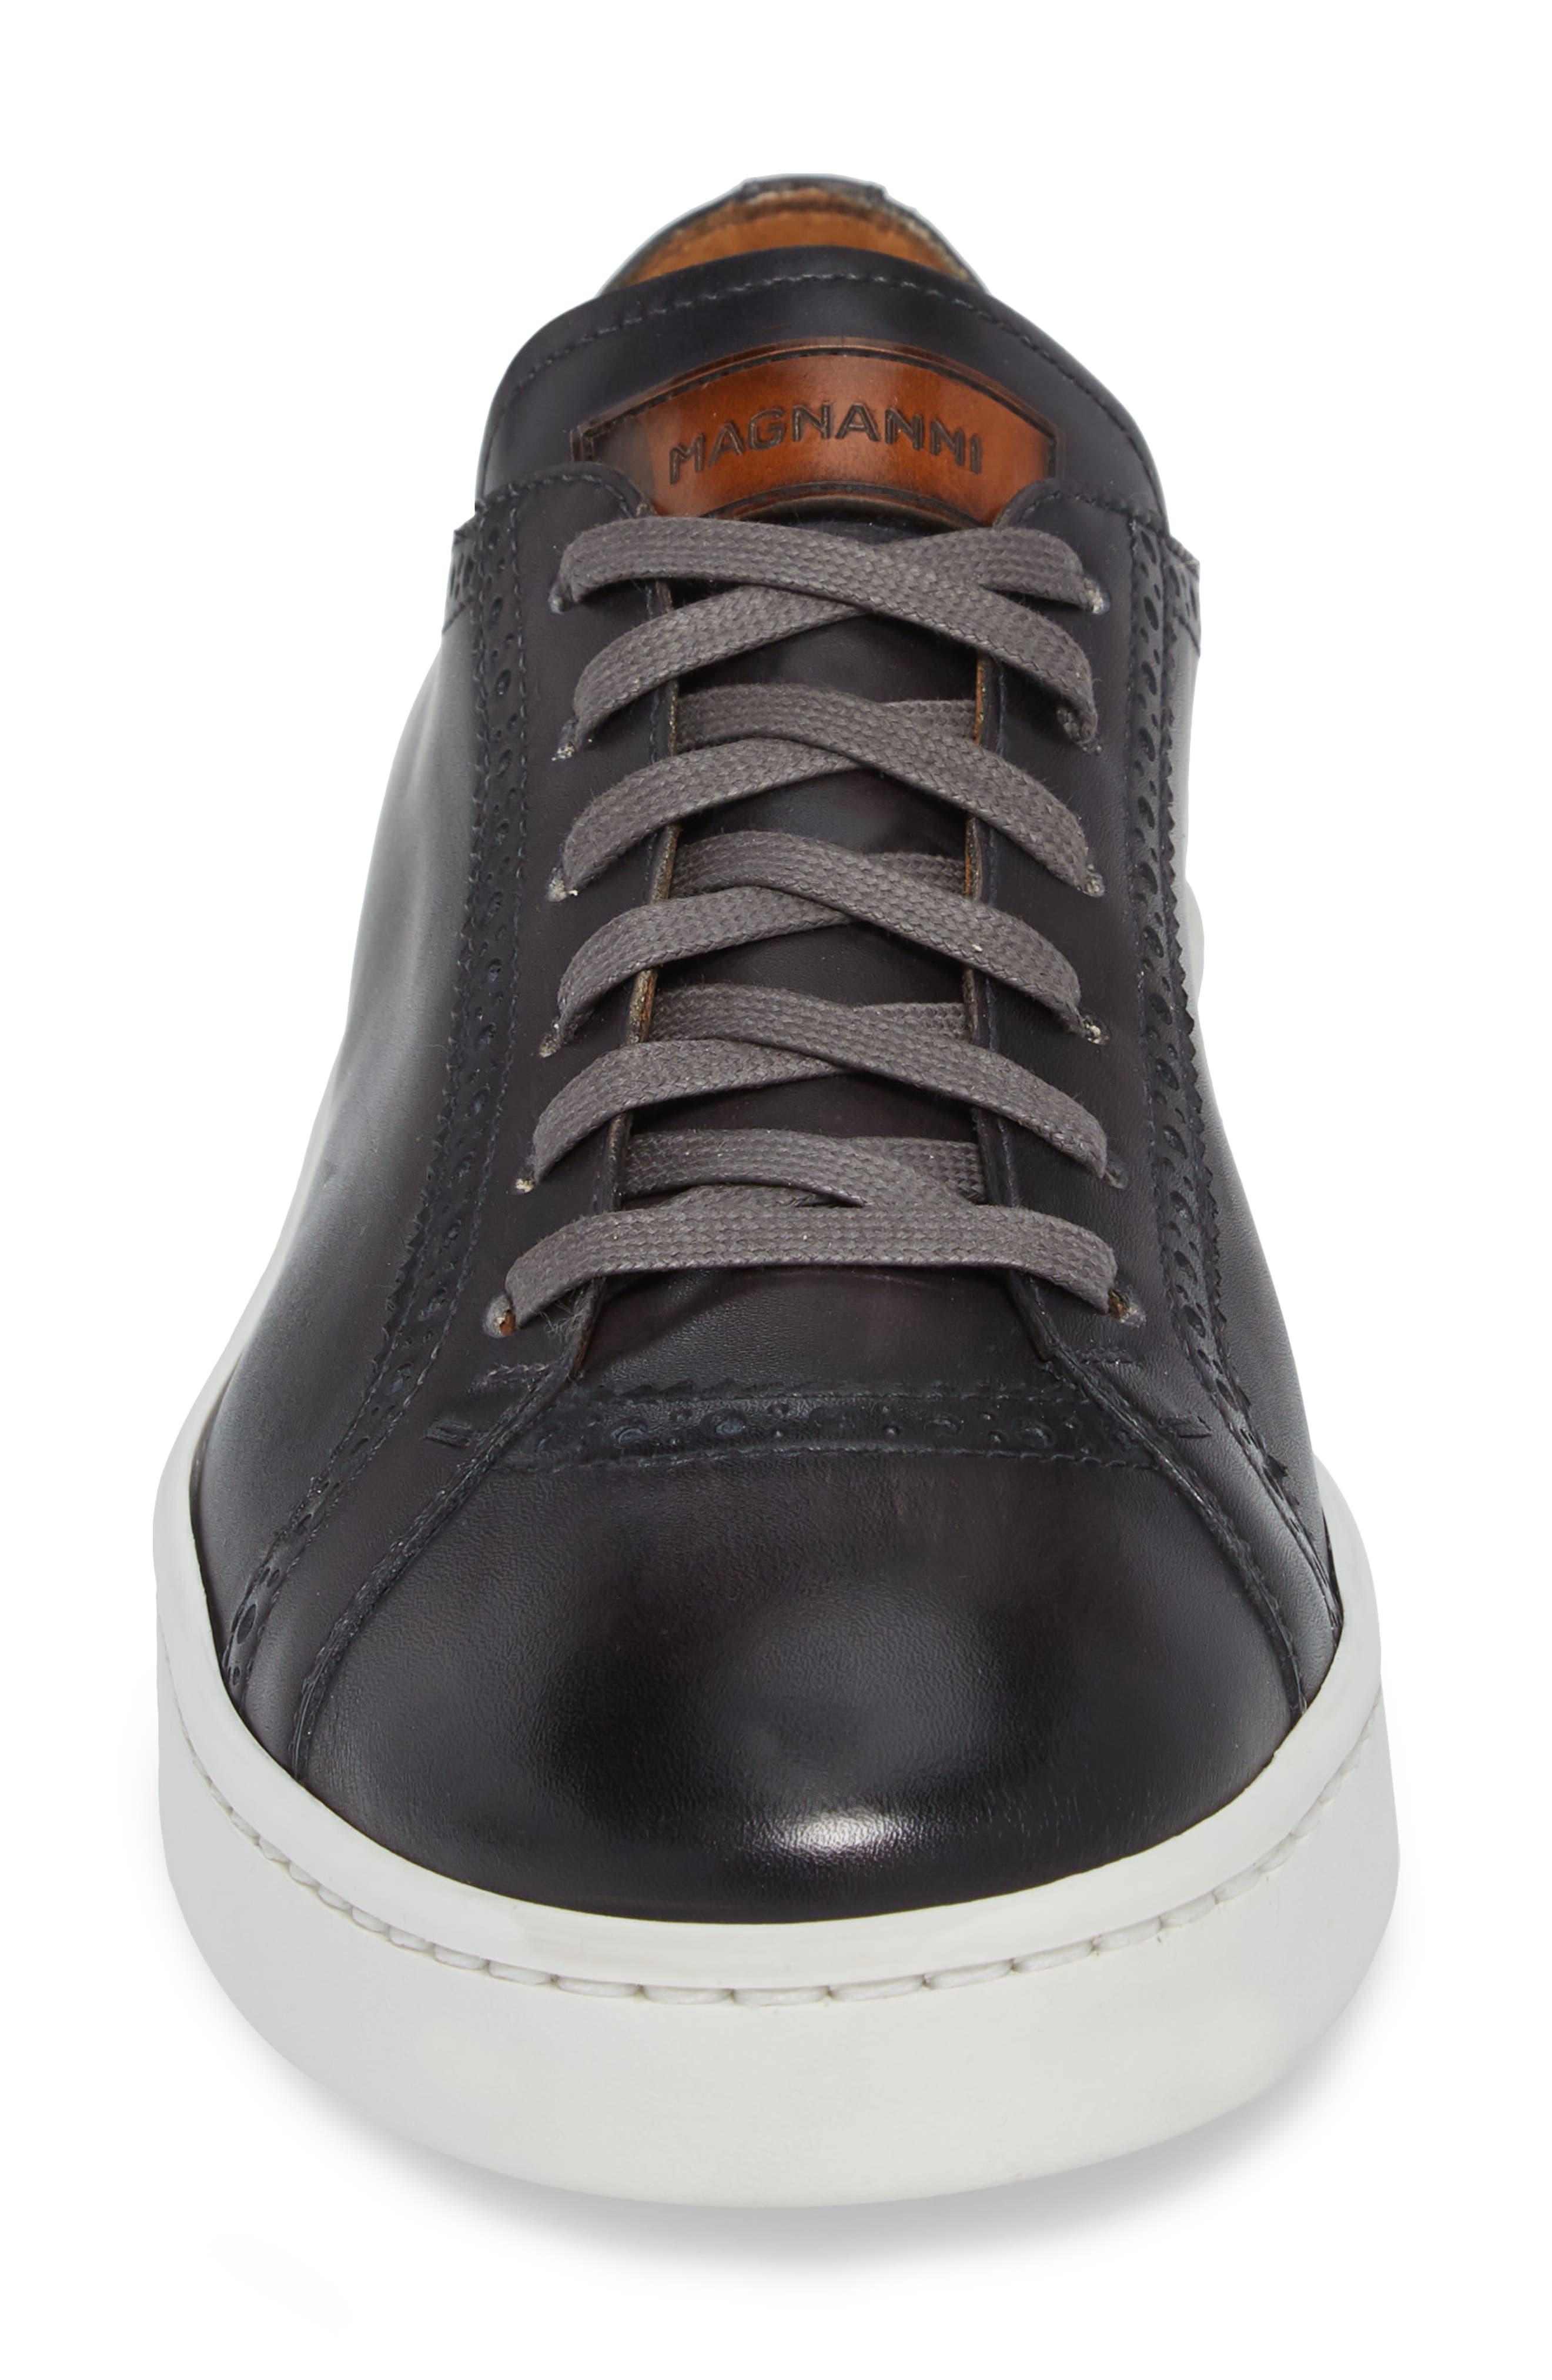 MAGNANNI,                             Juniper Brogued Low Top Sneaker,                             Alternate thumbnail 4, color,                             020